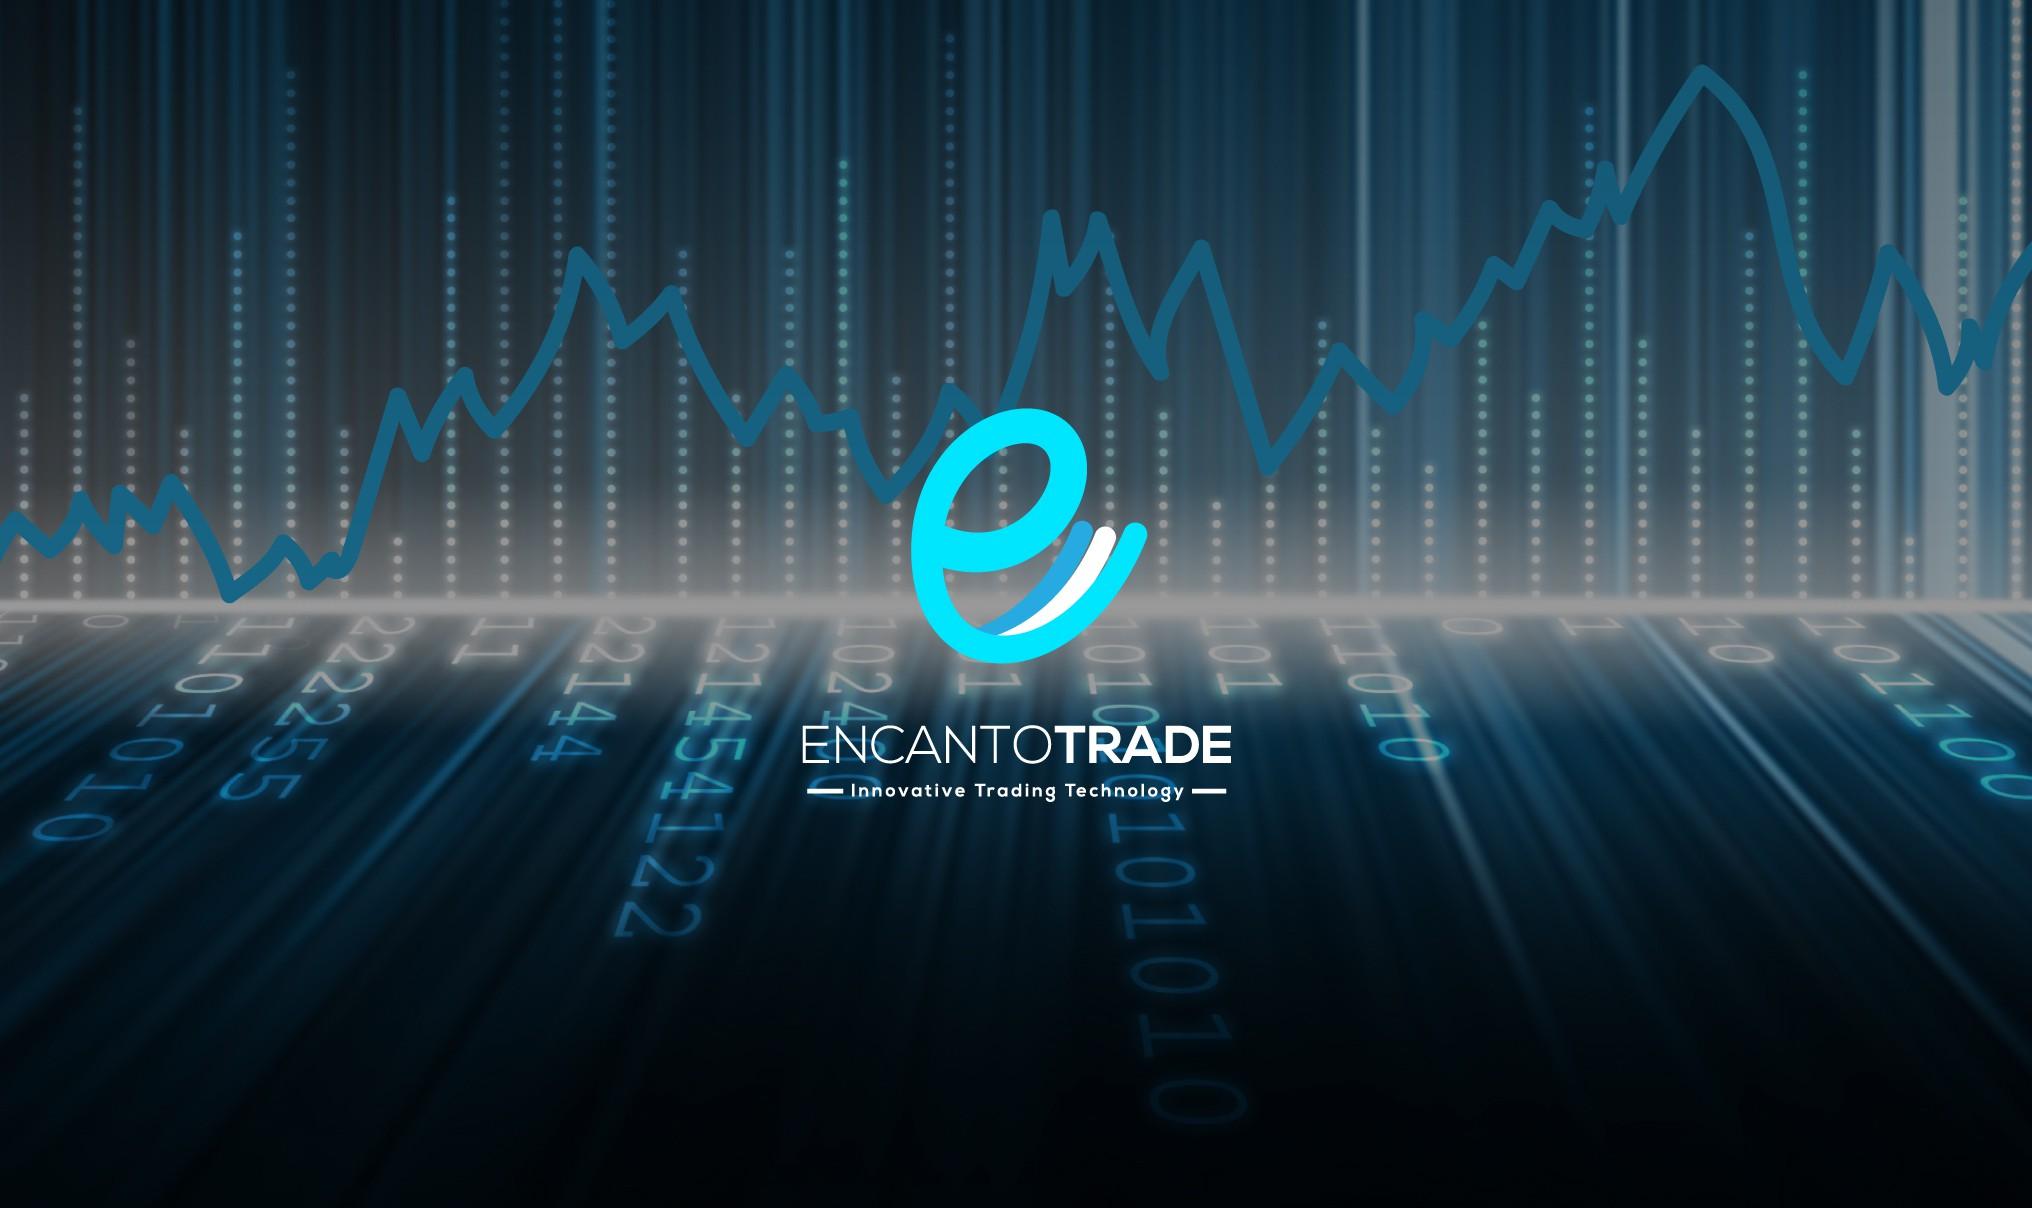 create a fancy and elegant logo for encantotrade